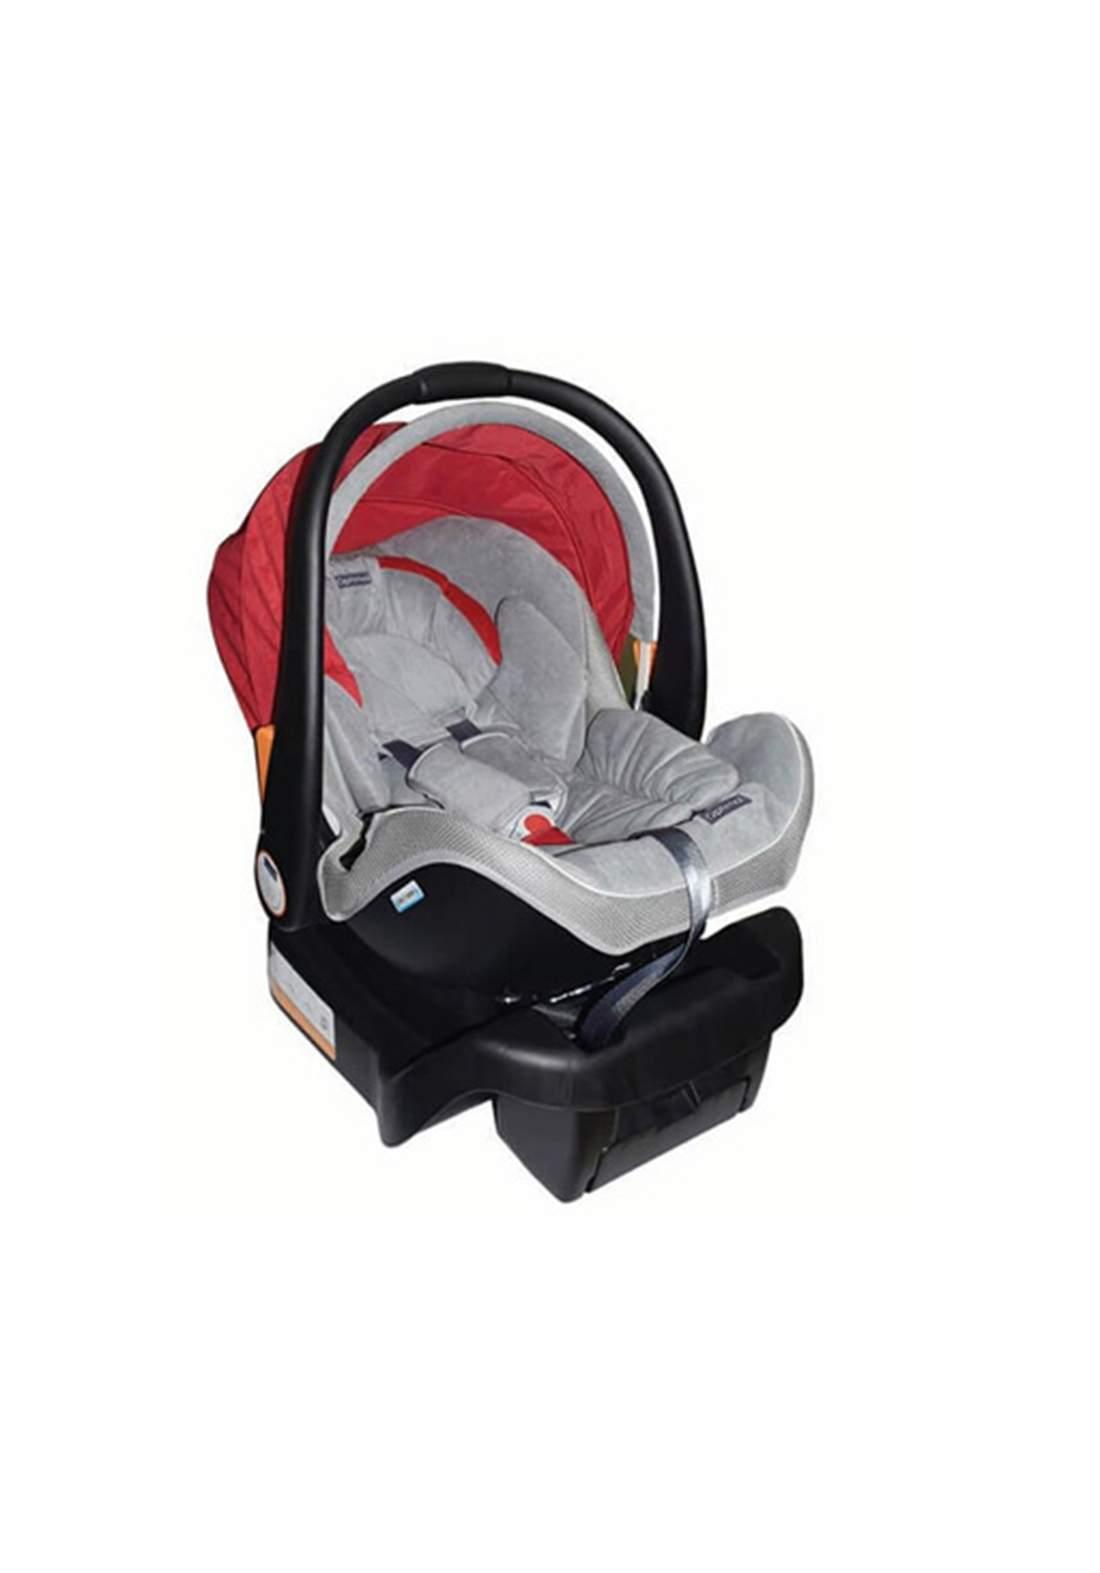 Optimal Baby Car Seat 13kg red مقعد سيارة للاطفال